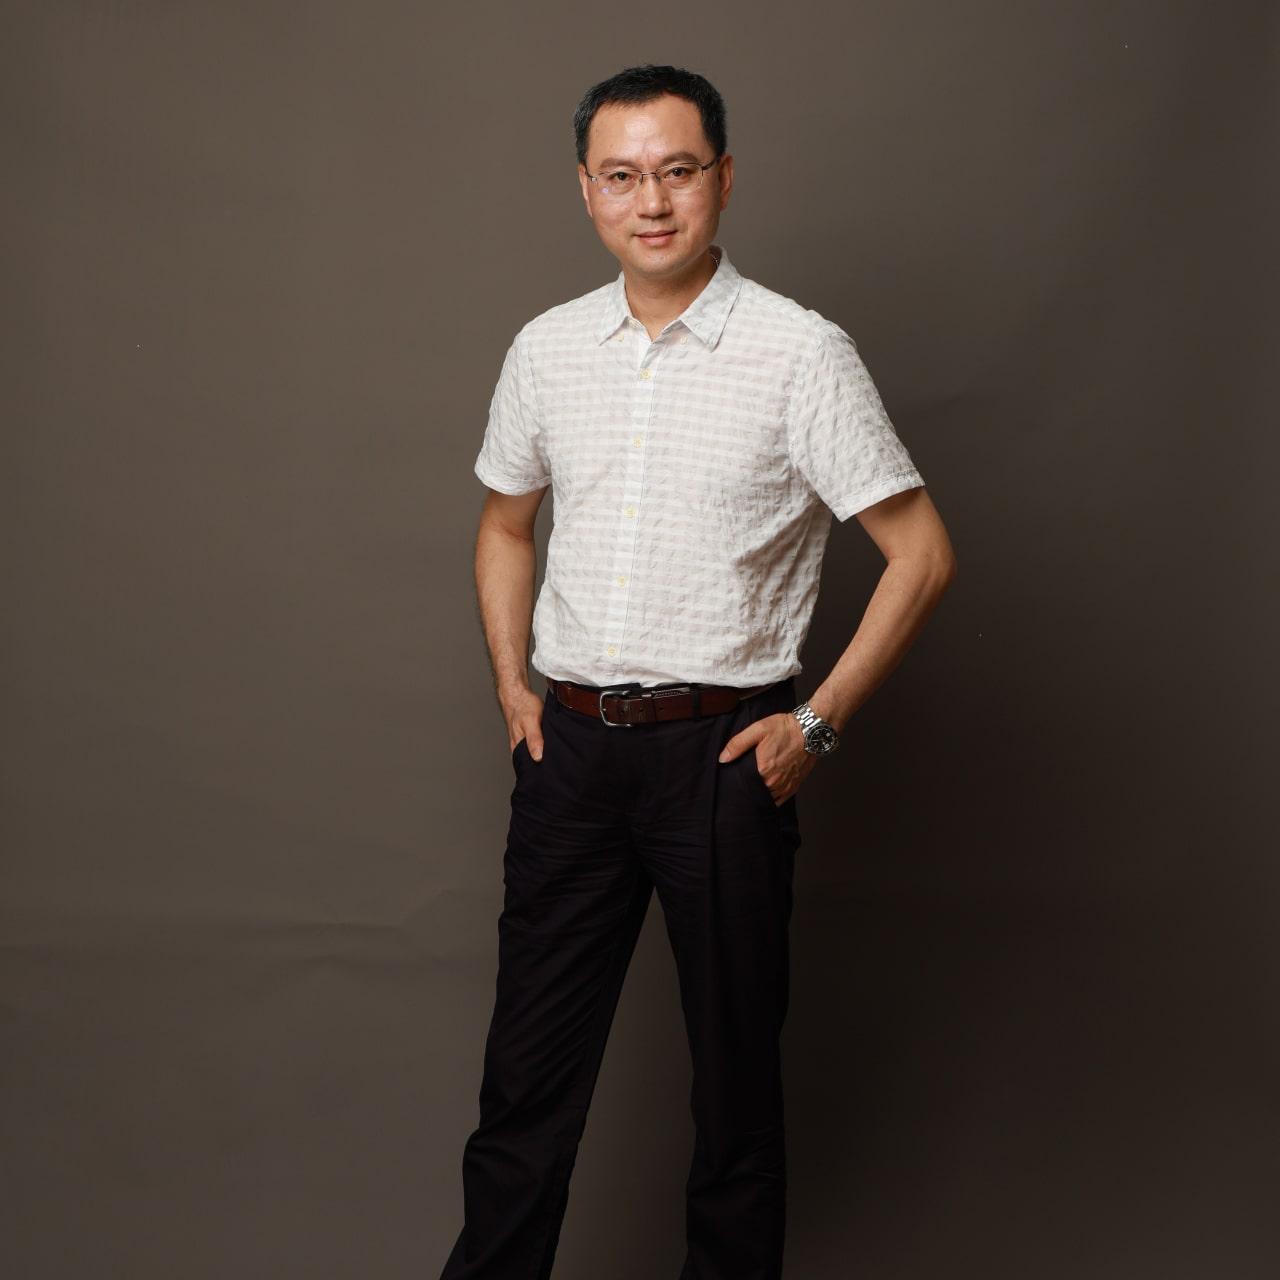 修文集团-林倬生